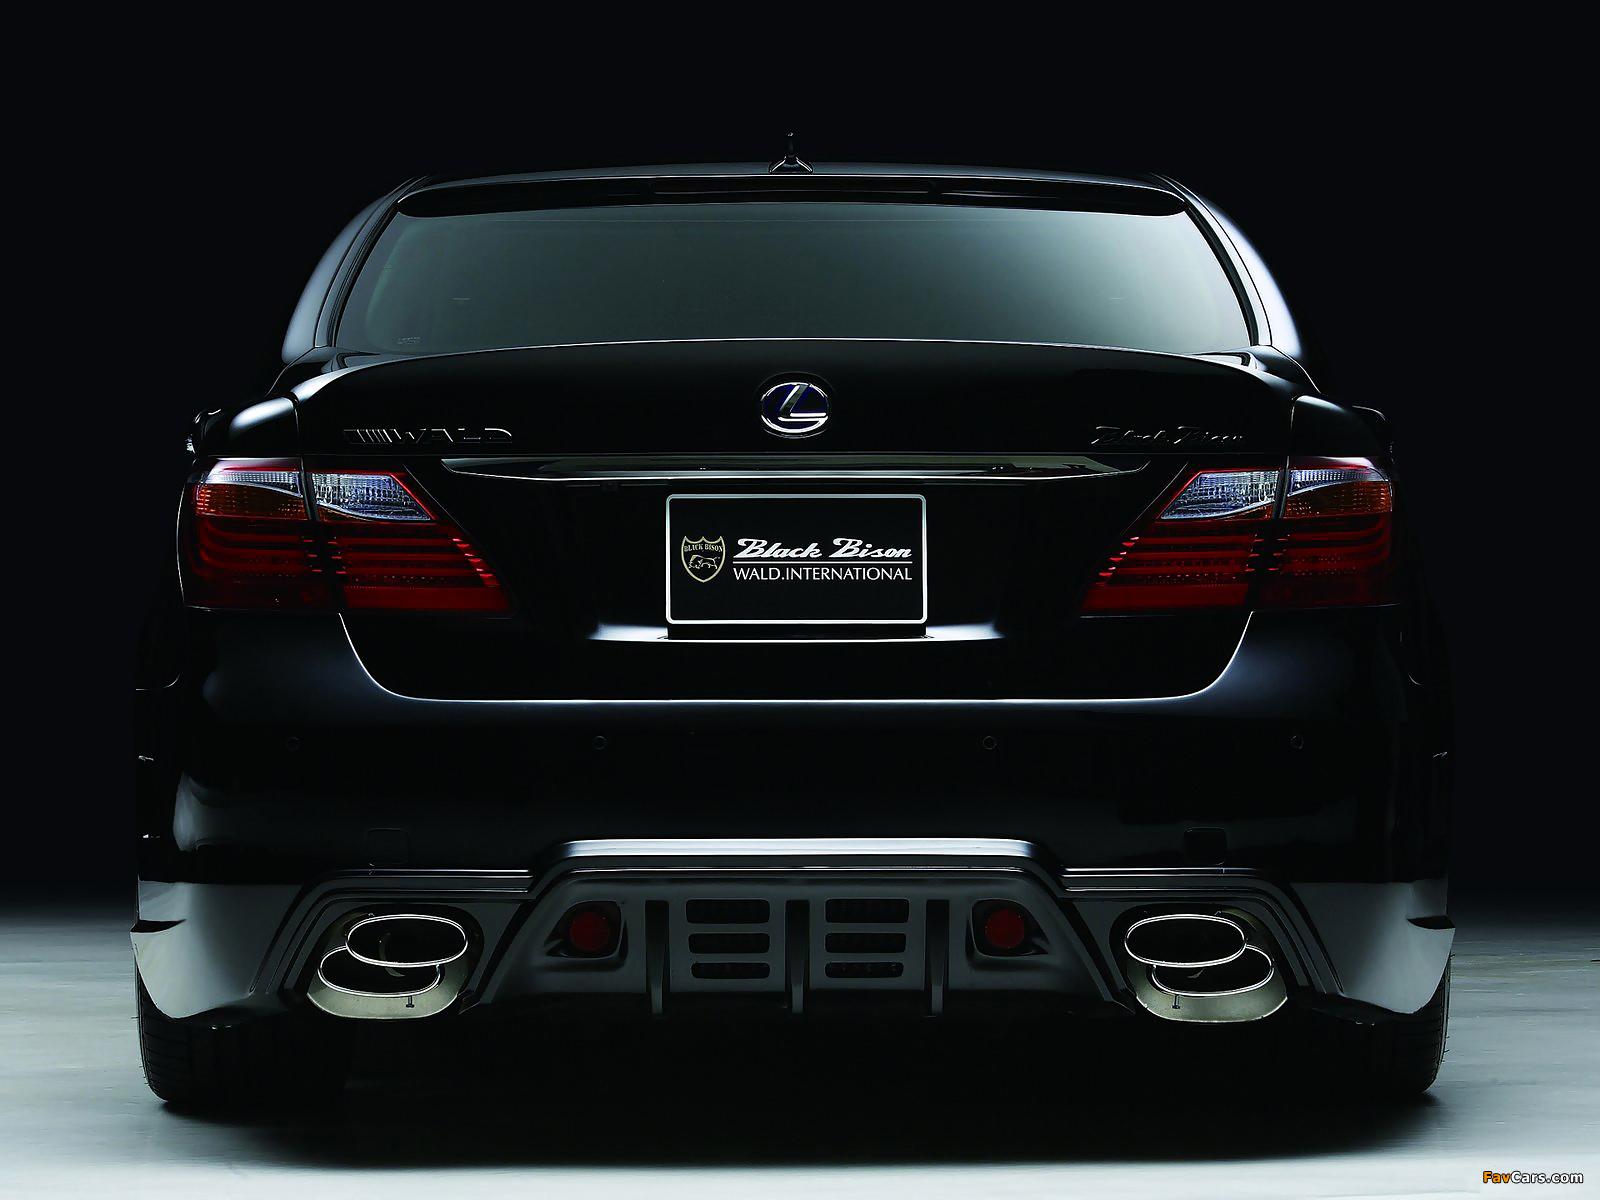 WALD Lexus LS 600h Black Bison Edition (UVF45) 2010 photos (1600 x 1200)